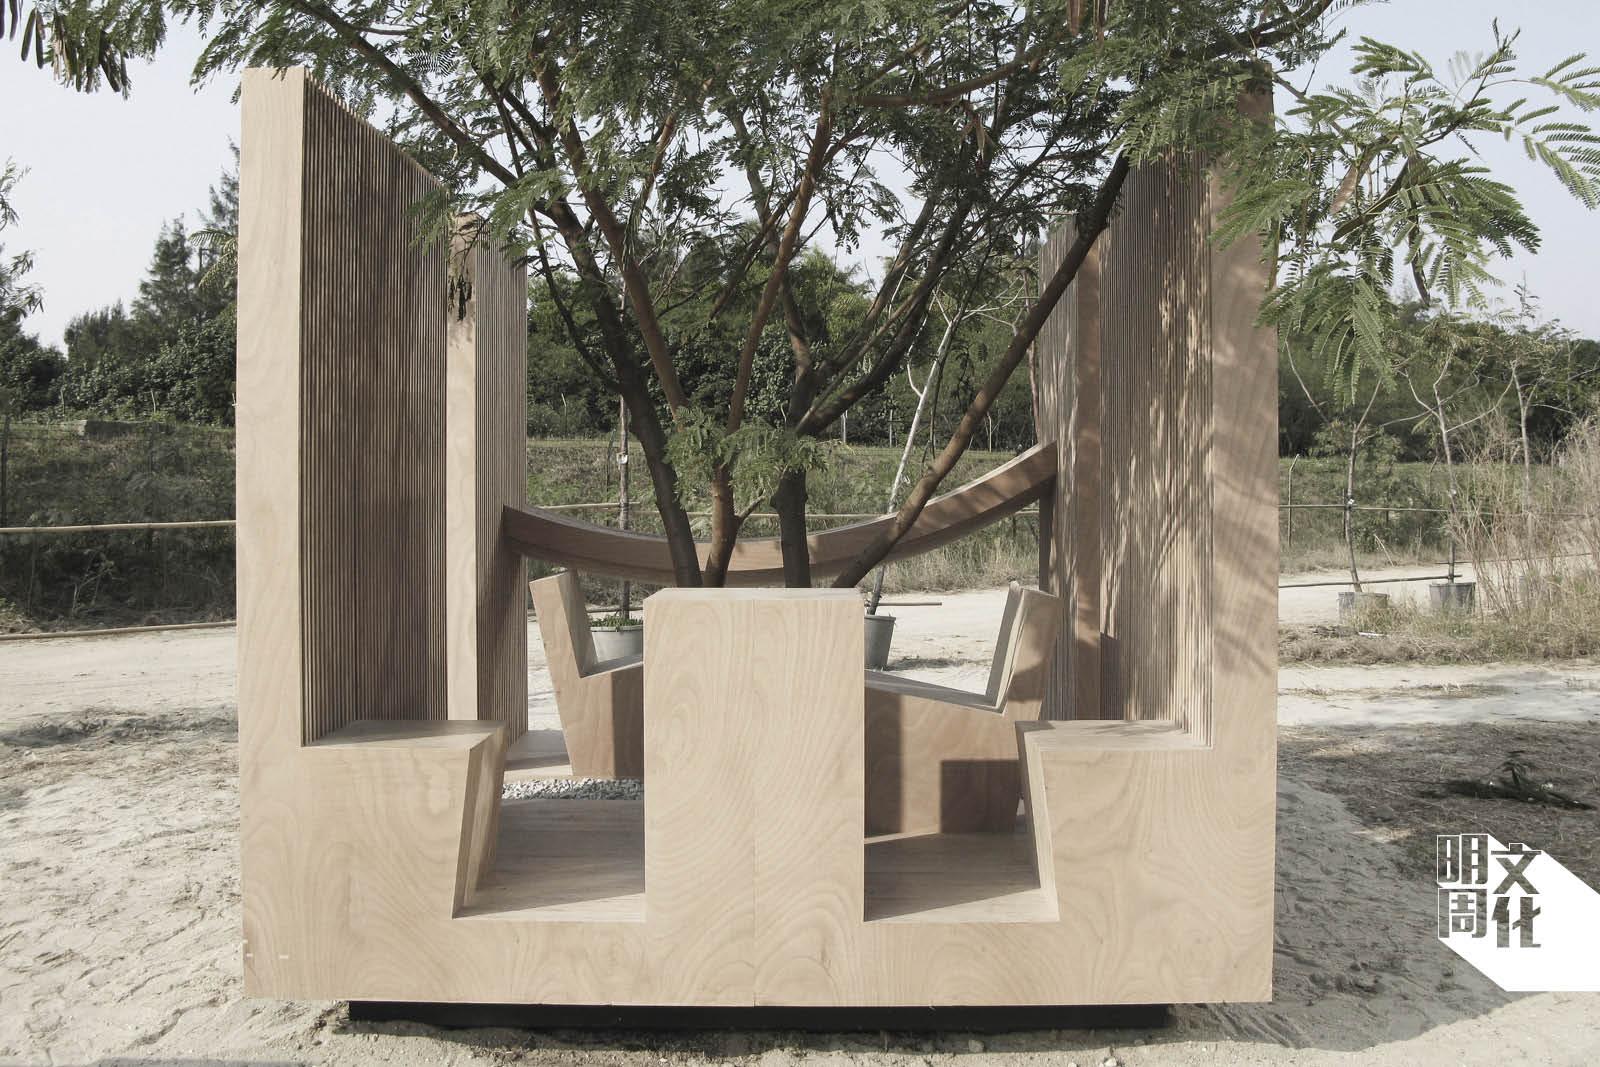 二○○九年為「深港城市\建築雙城雙年展」設計位於西九的公共裝置,讓公眾在樹下休憩。